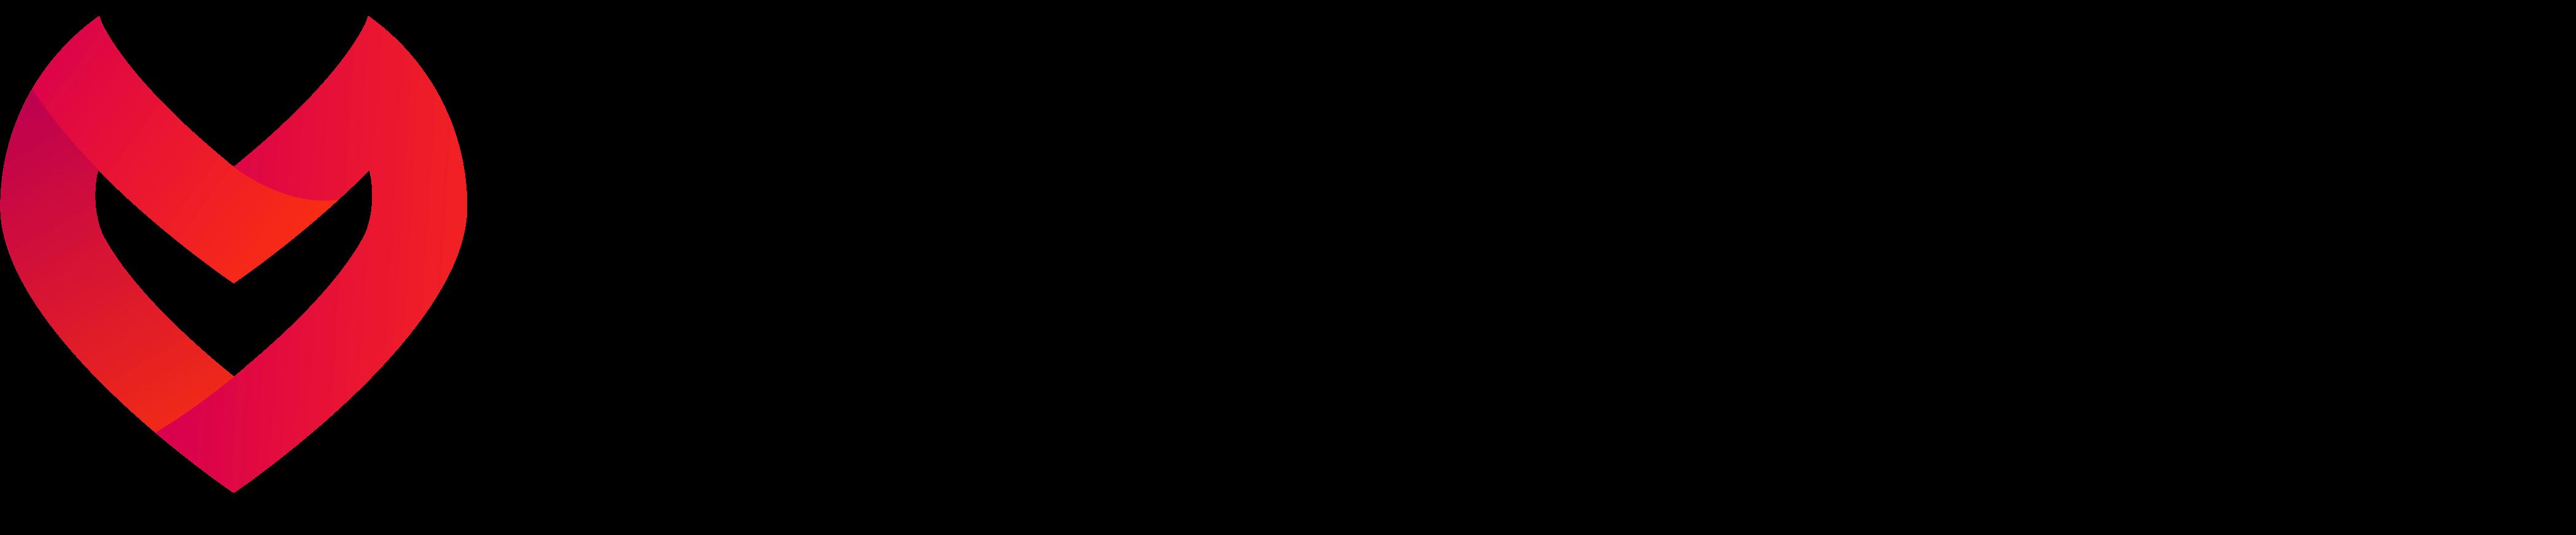 Prisma logo clipart image free stock DOCUMENTS • PRISMA CSI image free stock